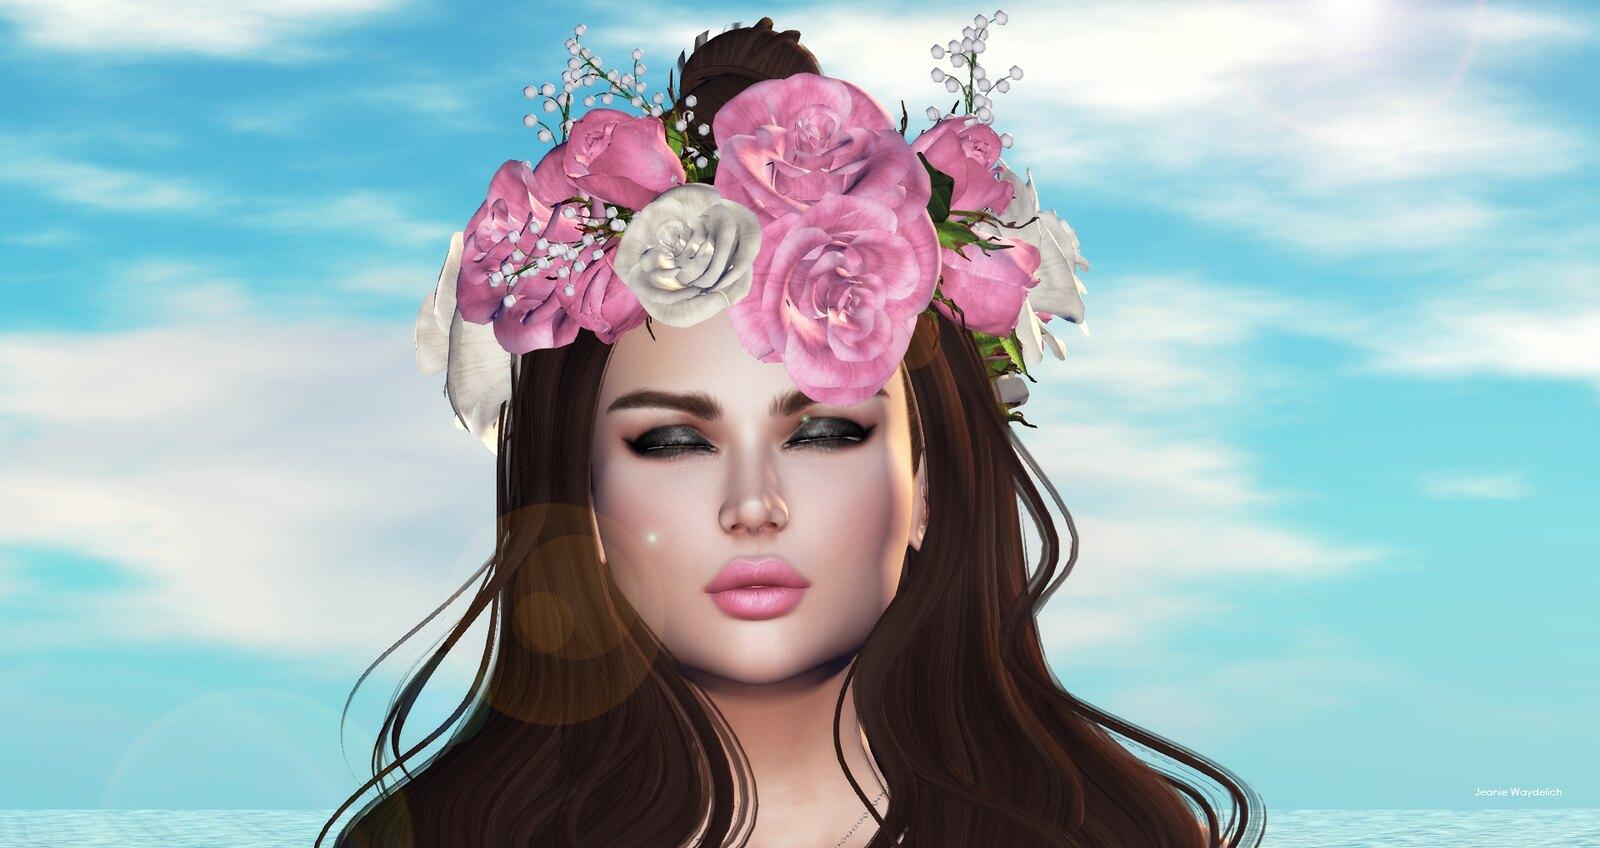 LOTD 852 - Flowers in ur hair...